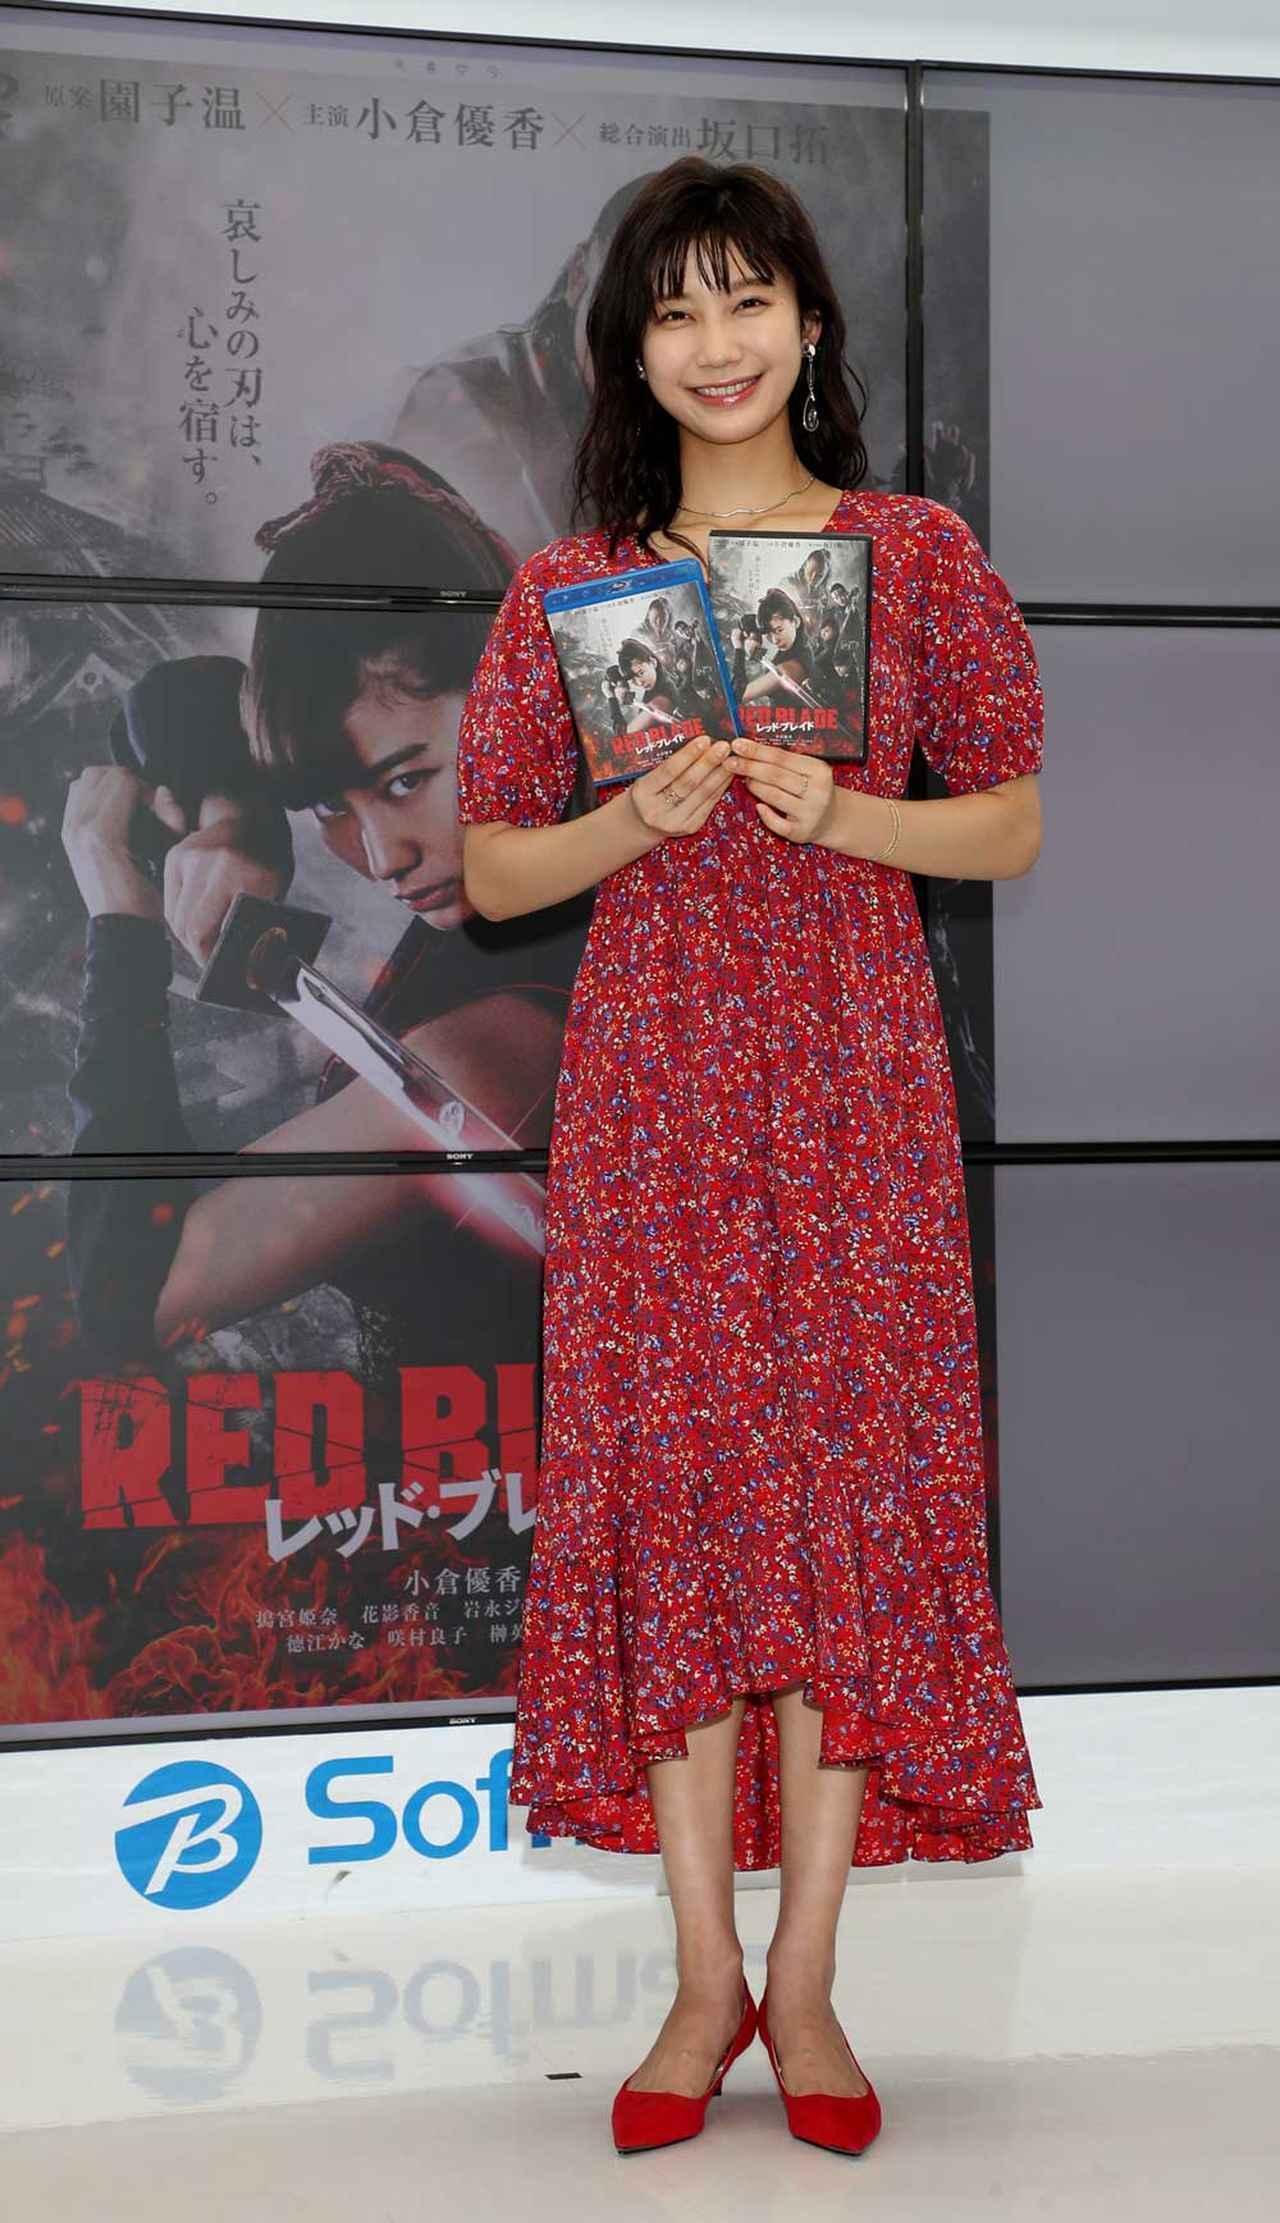 画像1: 小倉優香/初主演作「レッド・ブレイド」のDVD&ブルーレイが発売。「本格的なアクションシーンを楽しんでほしい」